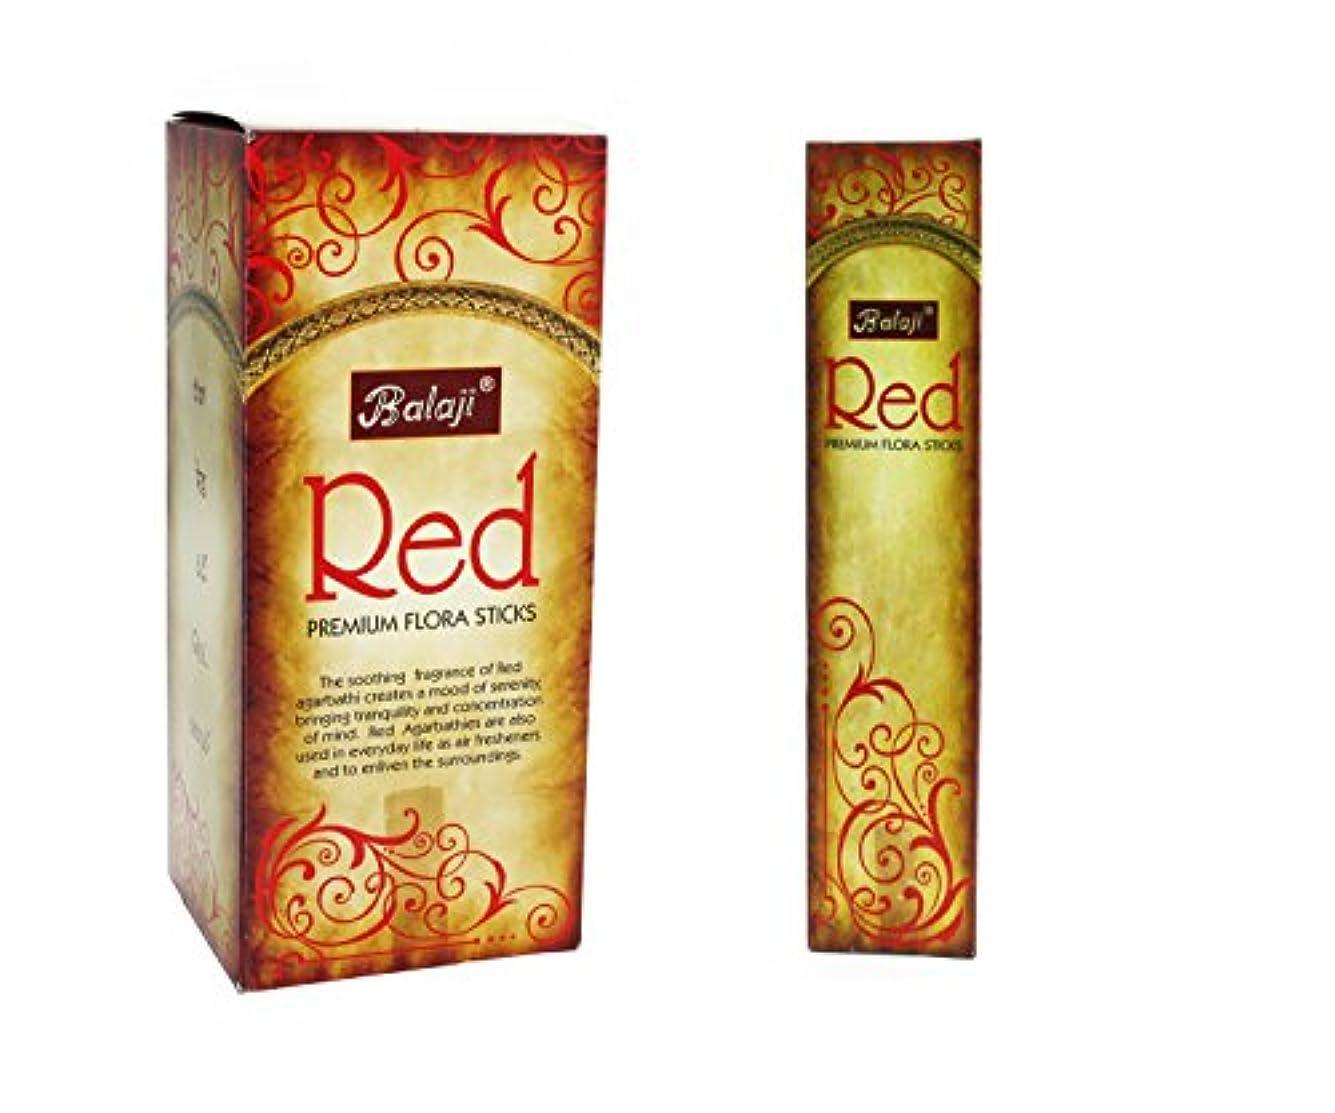 大声で解決する独立してBalaji Red Premium Flora Sticks (Incense/Joss Sticks/ Agarbatti) (12 units x 15 Sticks) by Balaji